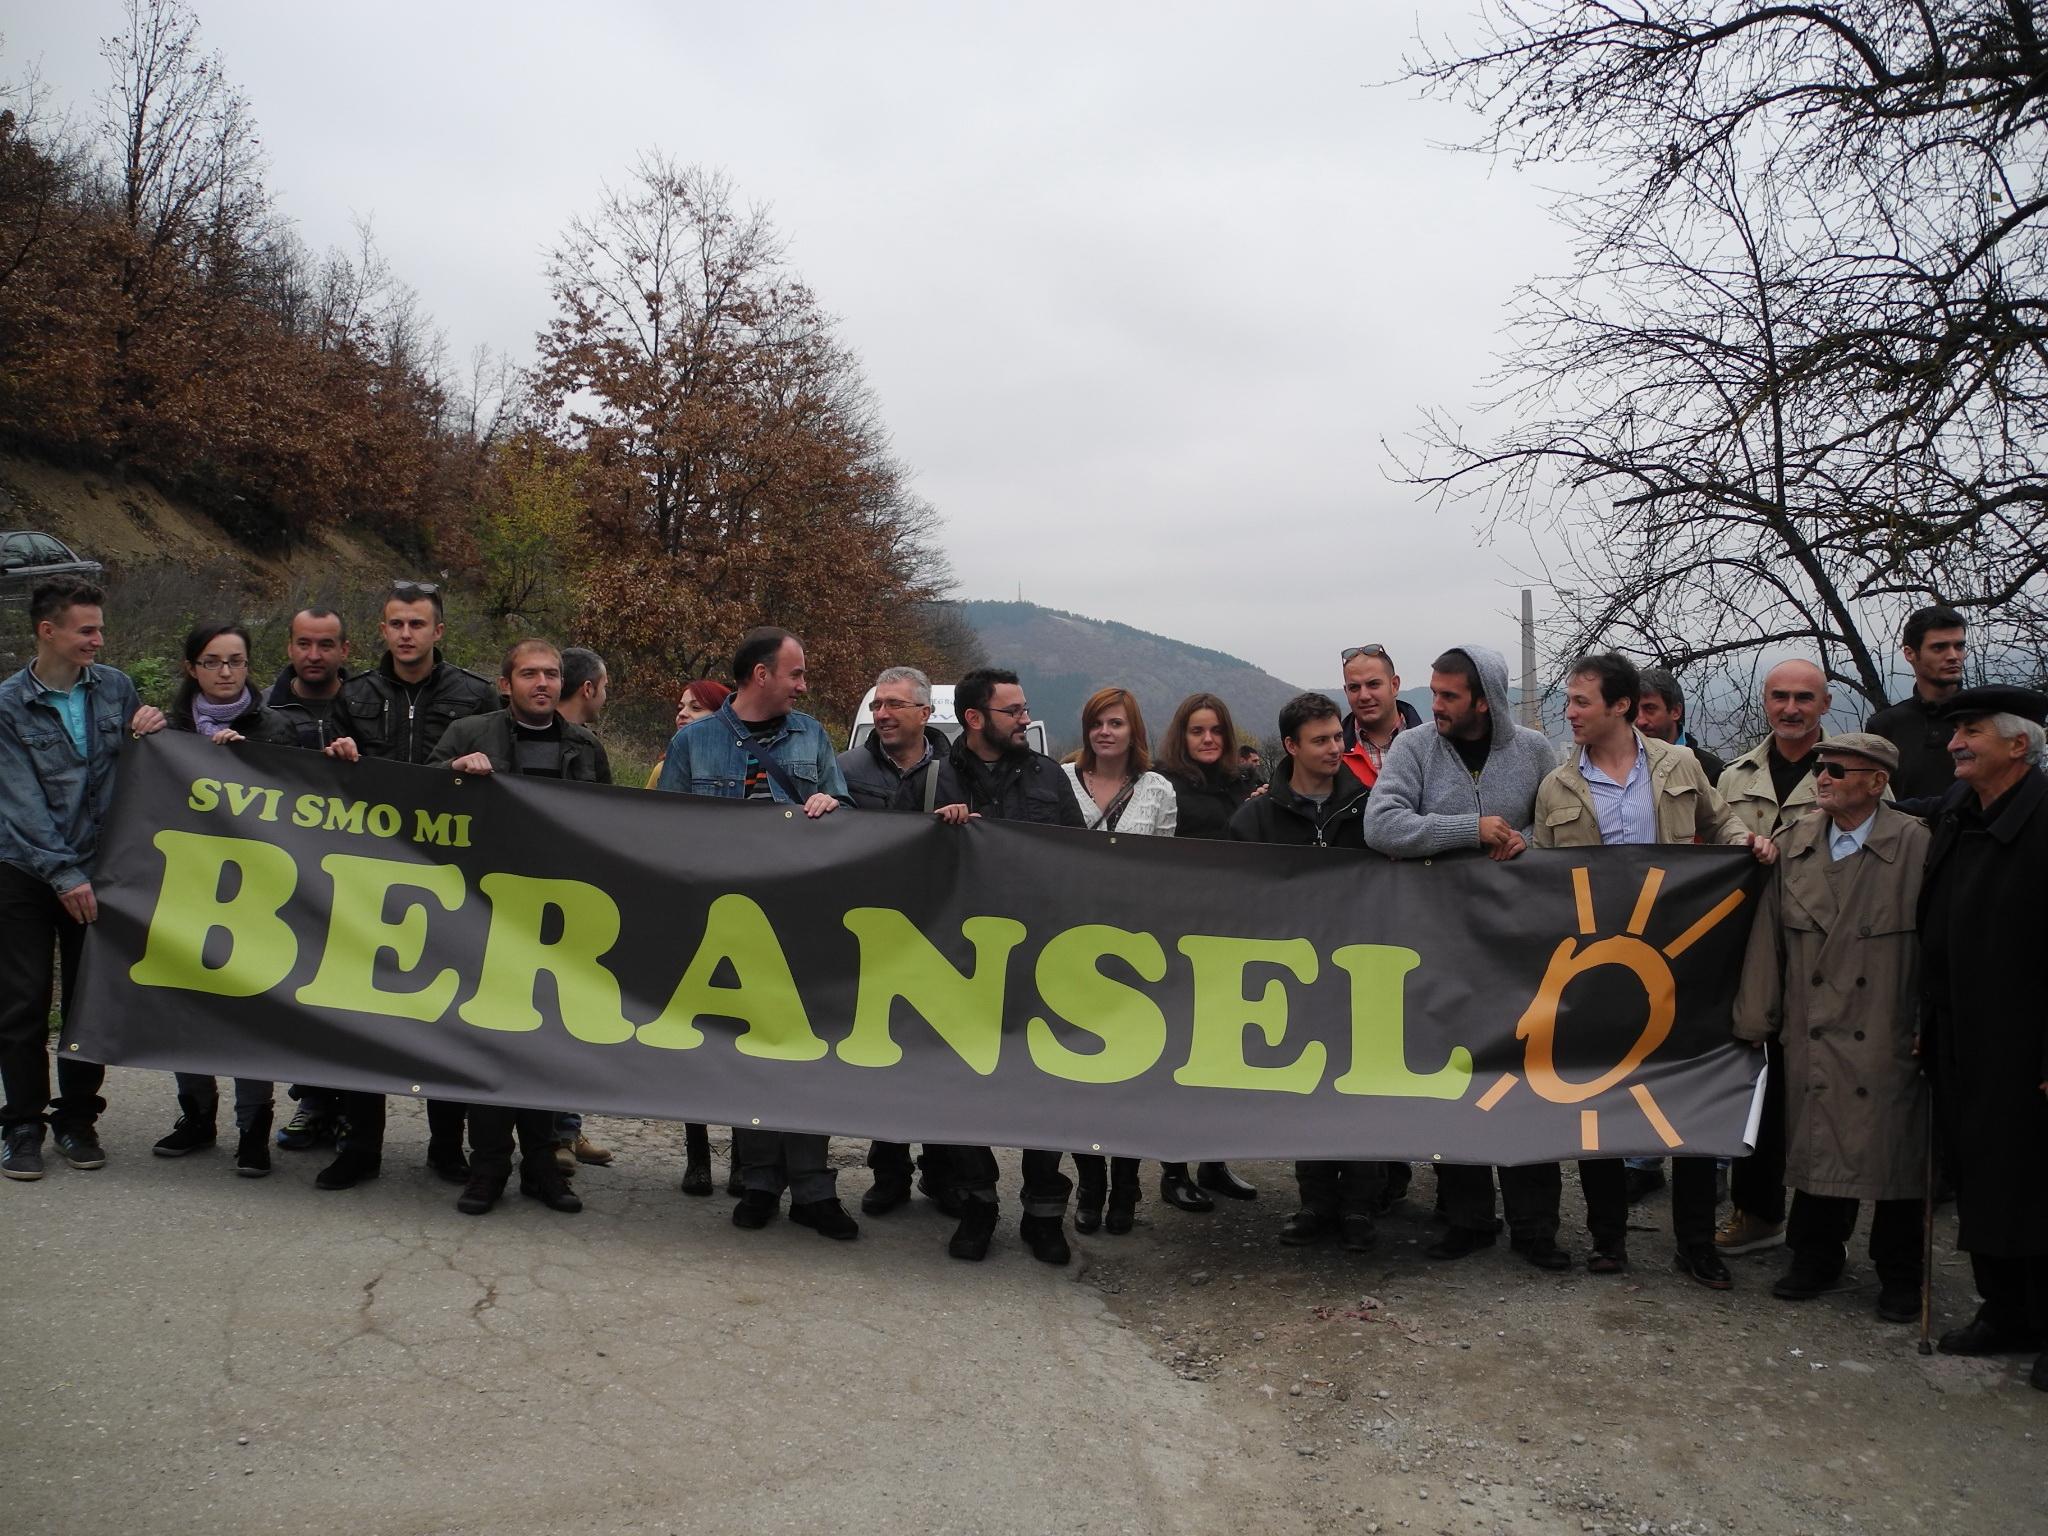 Sa obilježavanja Dana ekoloških pokreta u Beranselu, 17. novembra 2013. godine (Foto: OZON tim)